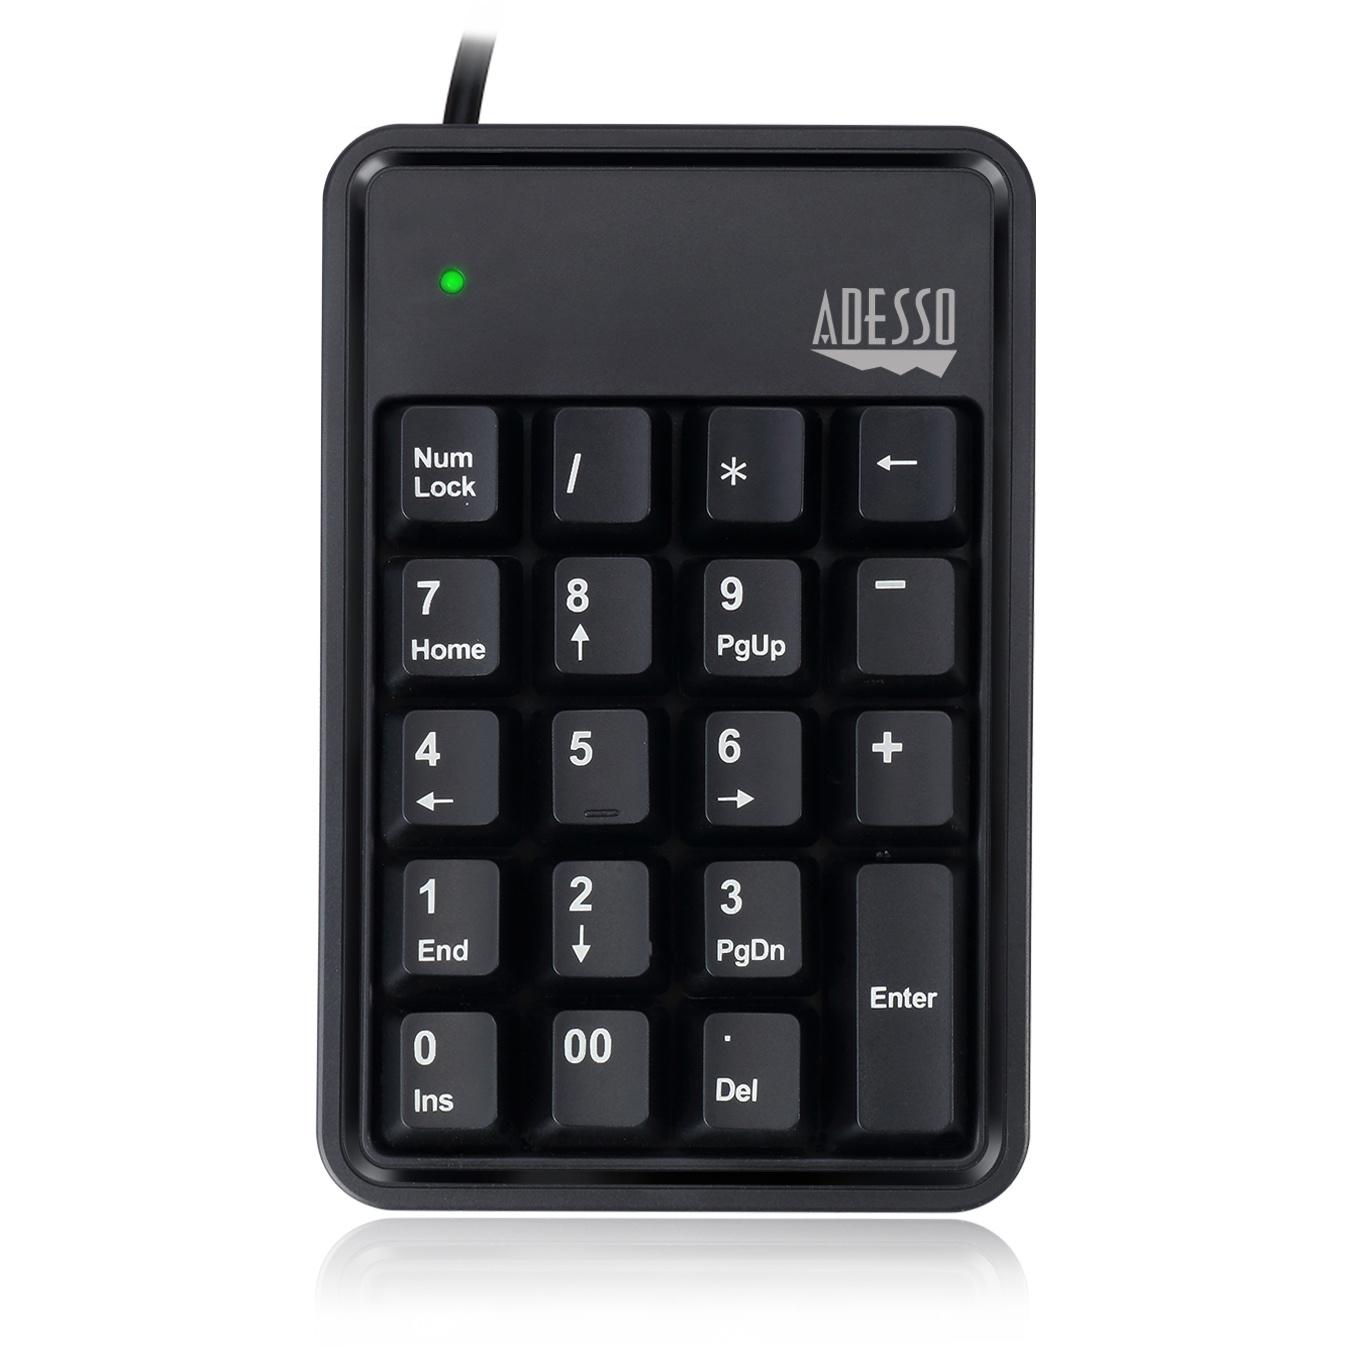 Adesso Easytouch 600 numeriek toetsenbord met USB hub